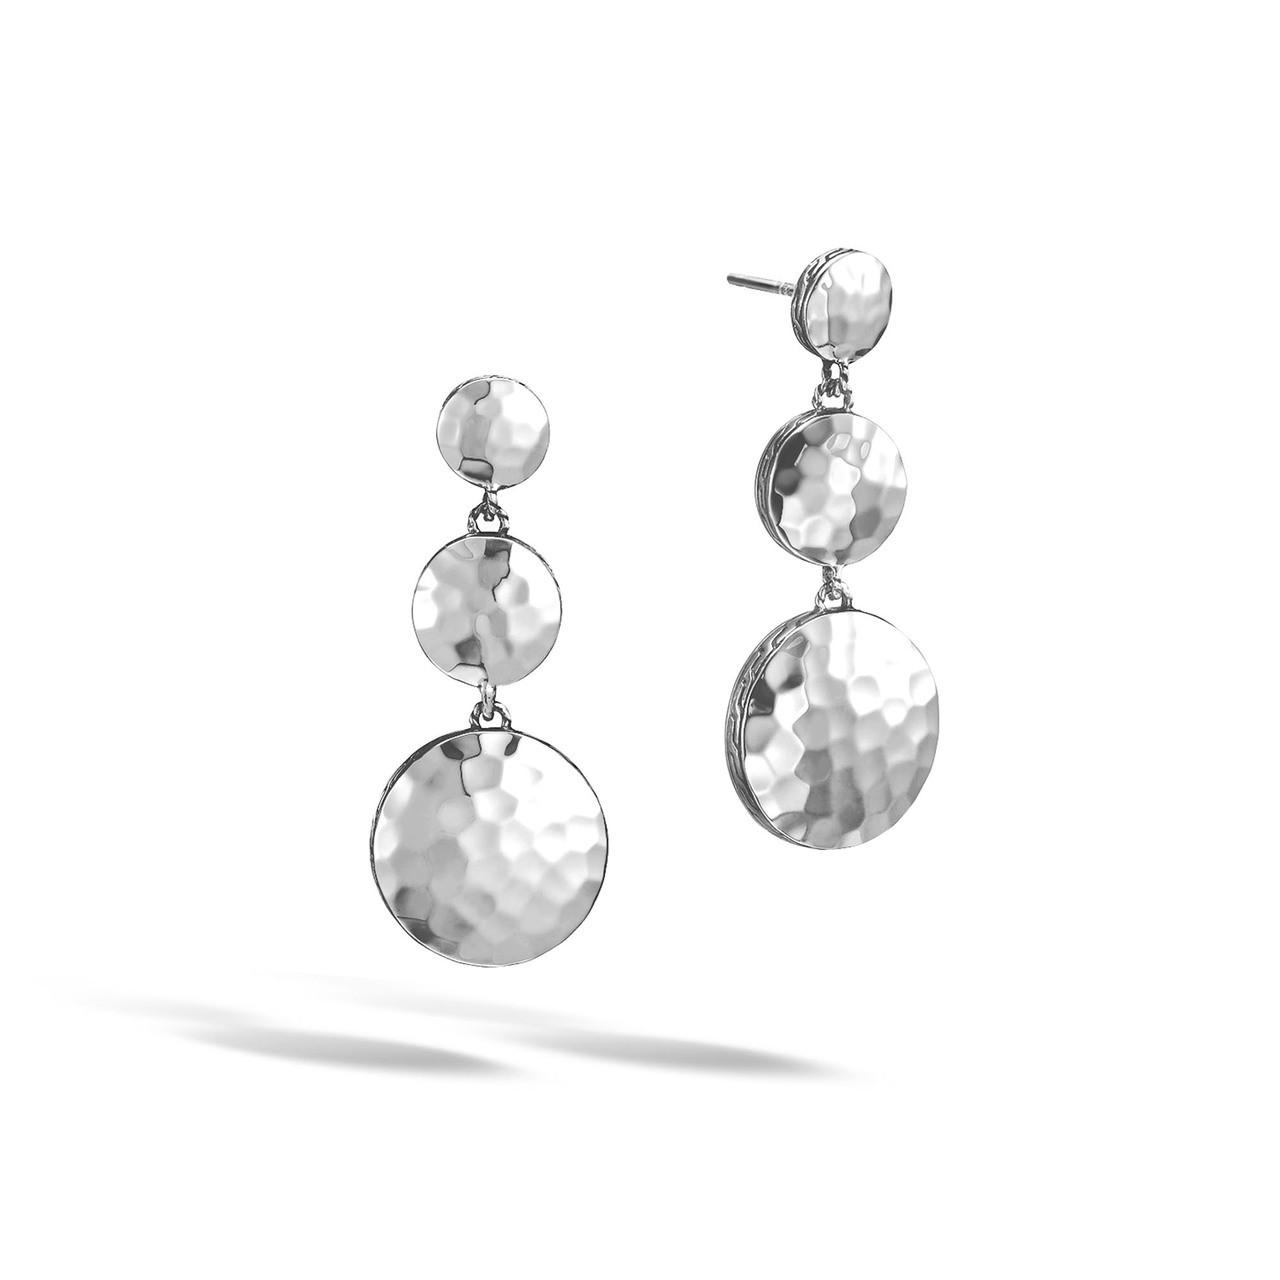 2d760aca5 John Hardy Dot Silver Triple Drop Earrings. Price: $395.00. Image 1